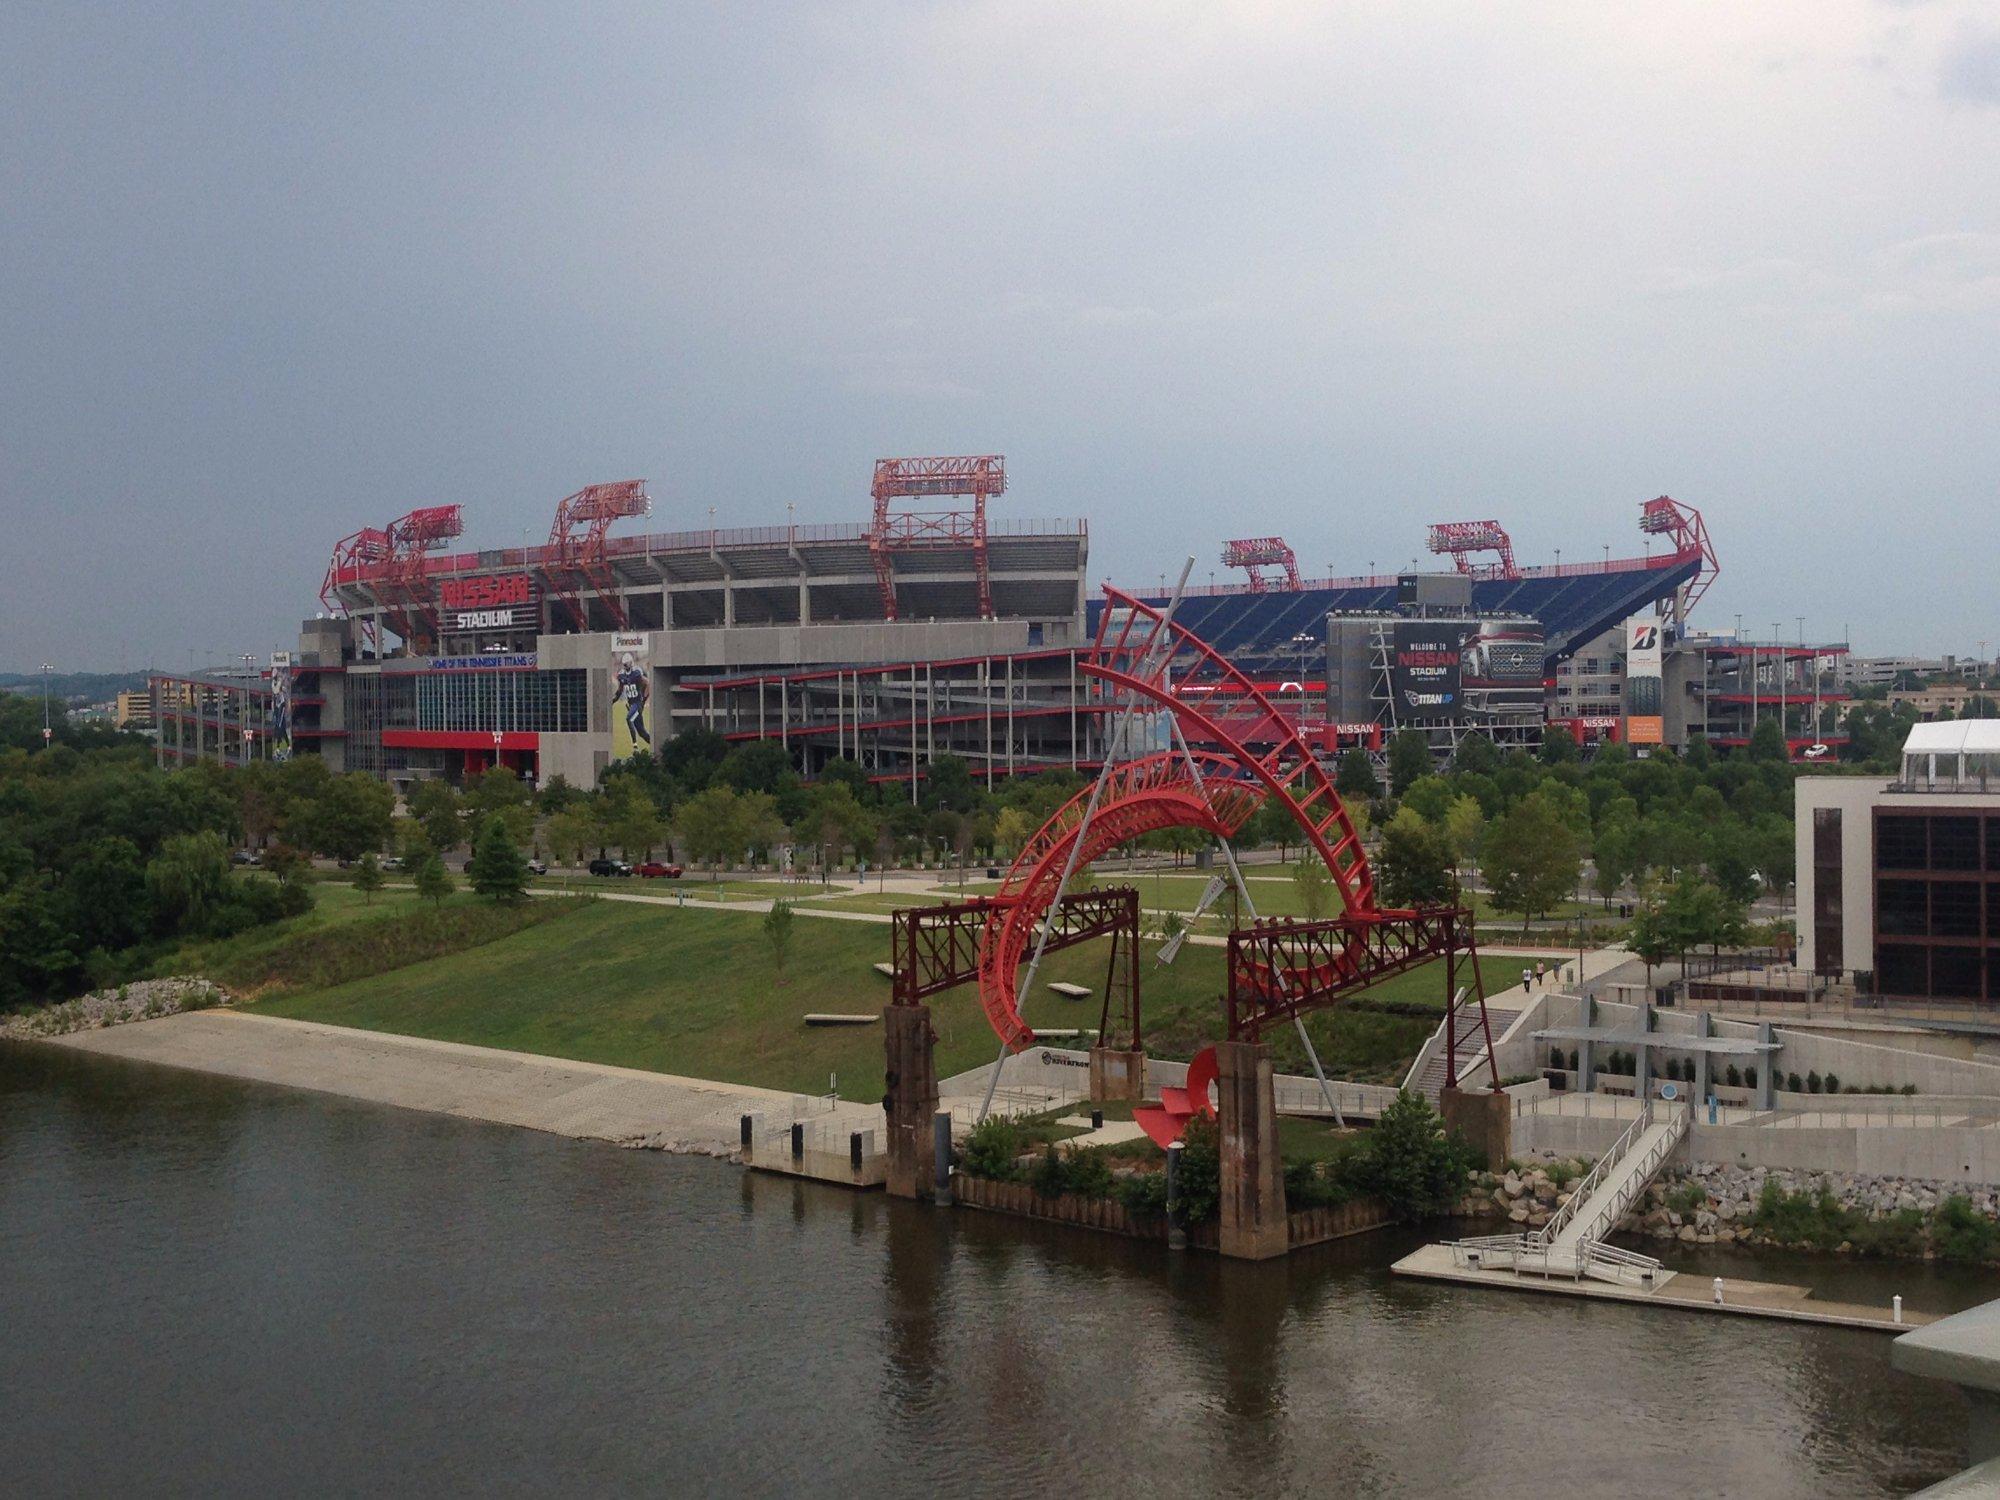 Vista do Nissan Stadium pela ponte do Rio Cumberland